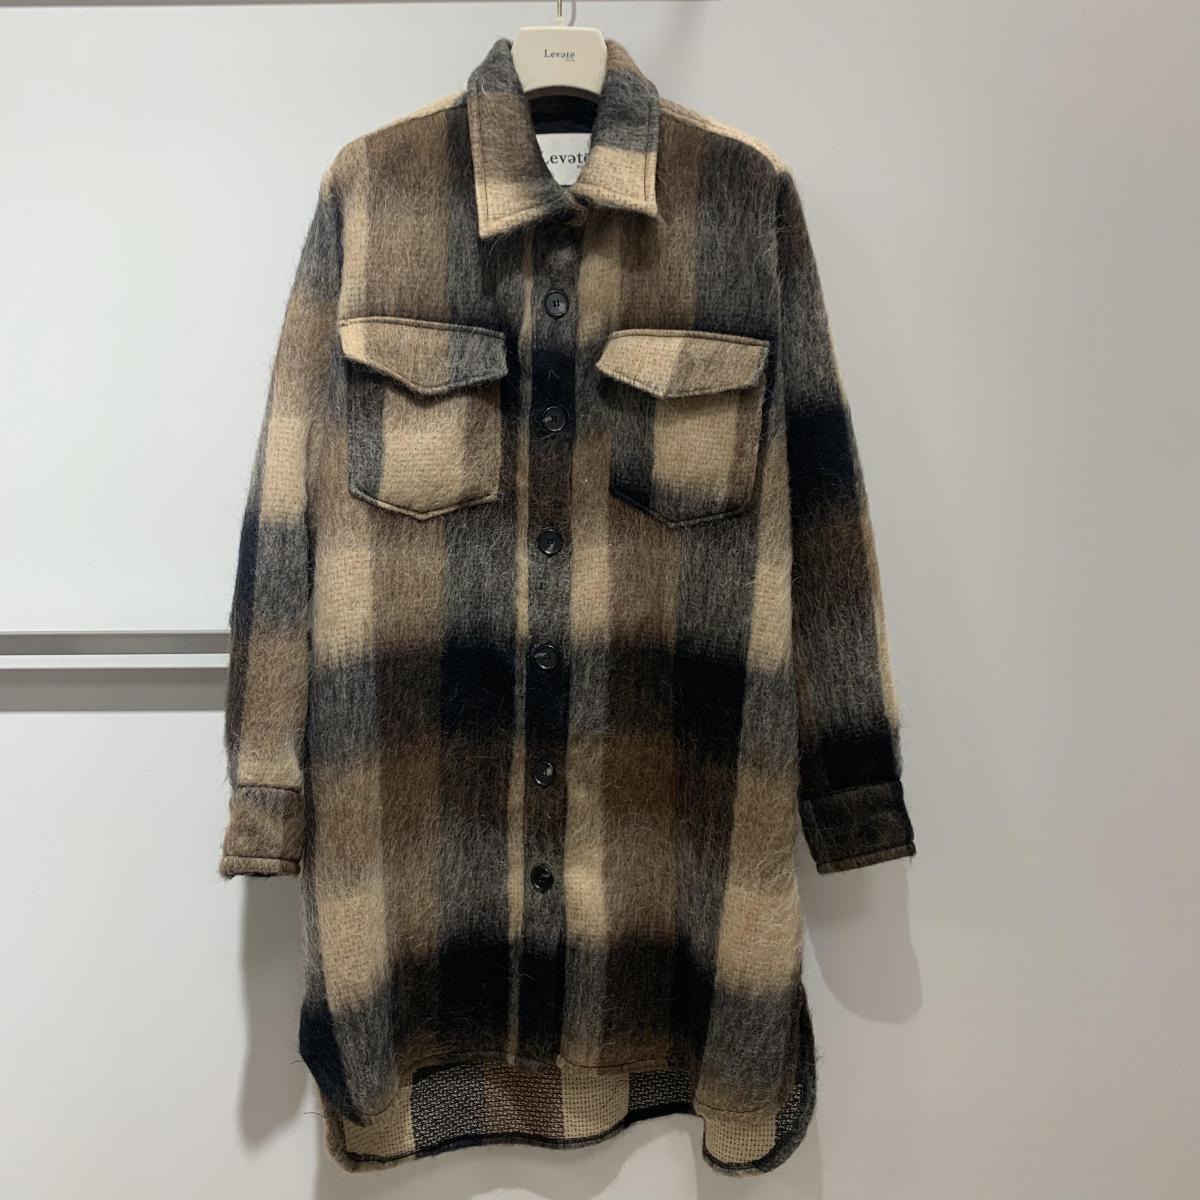 Kea Jacket Levete ROOM Walk in Closet OSLO